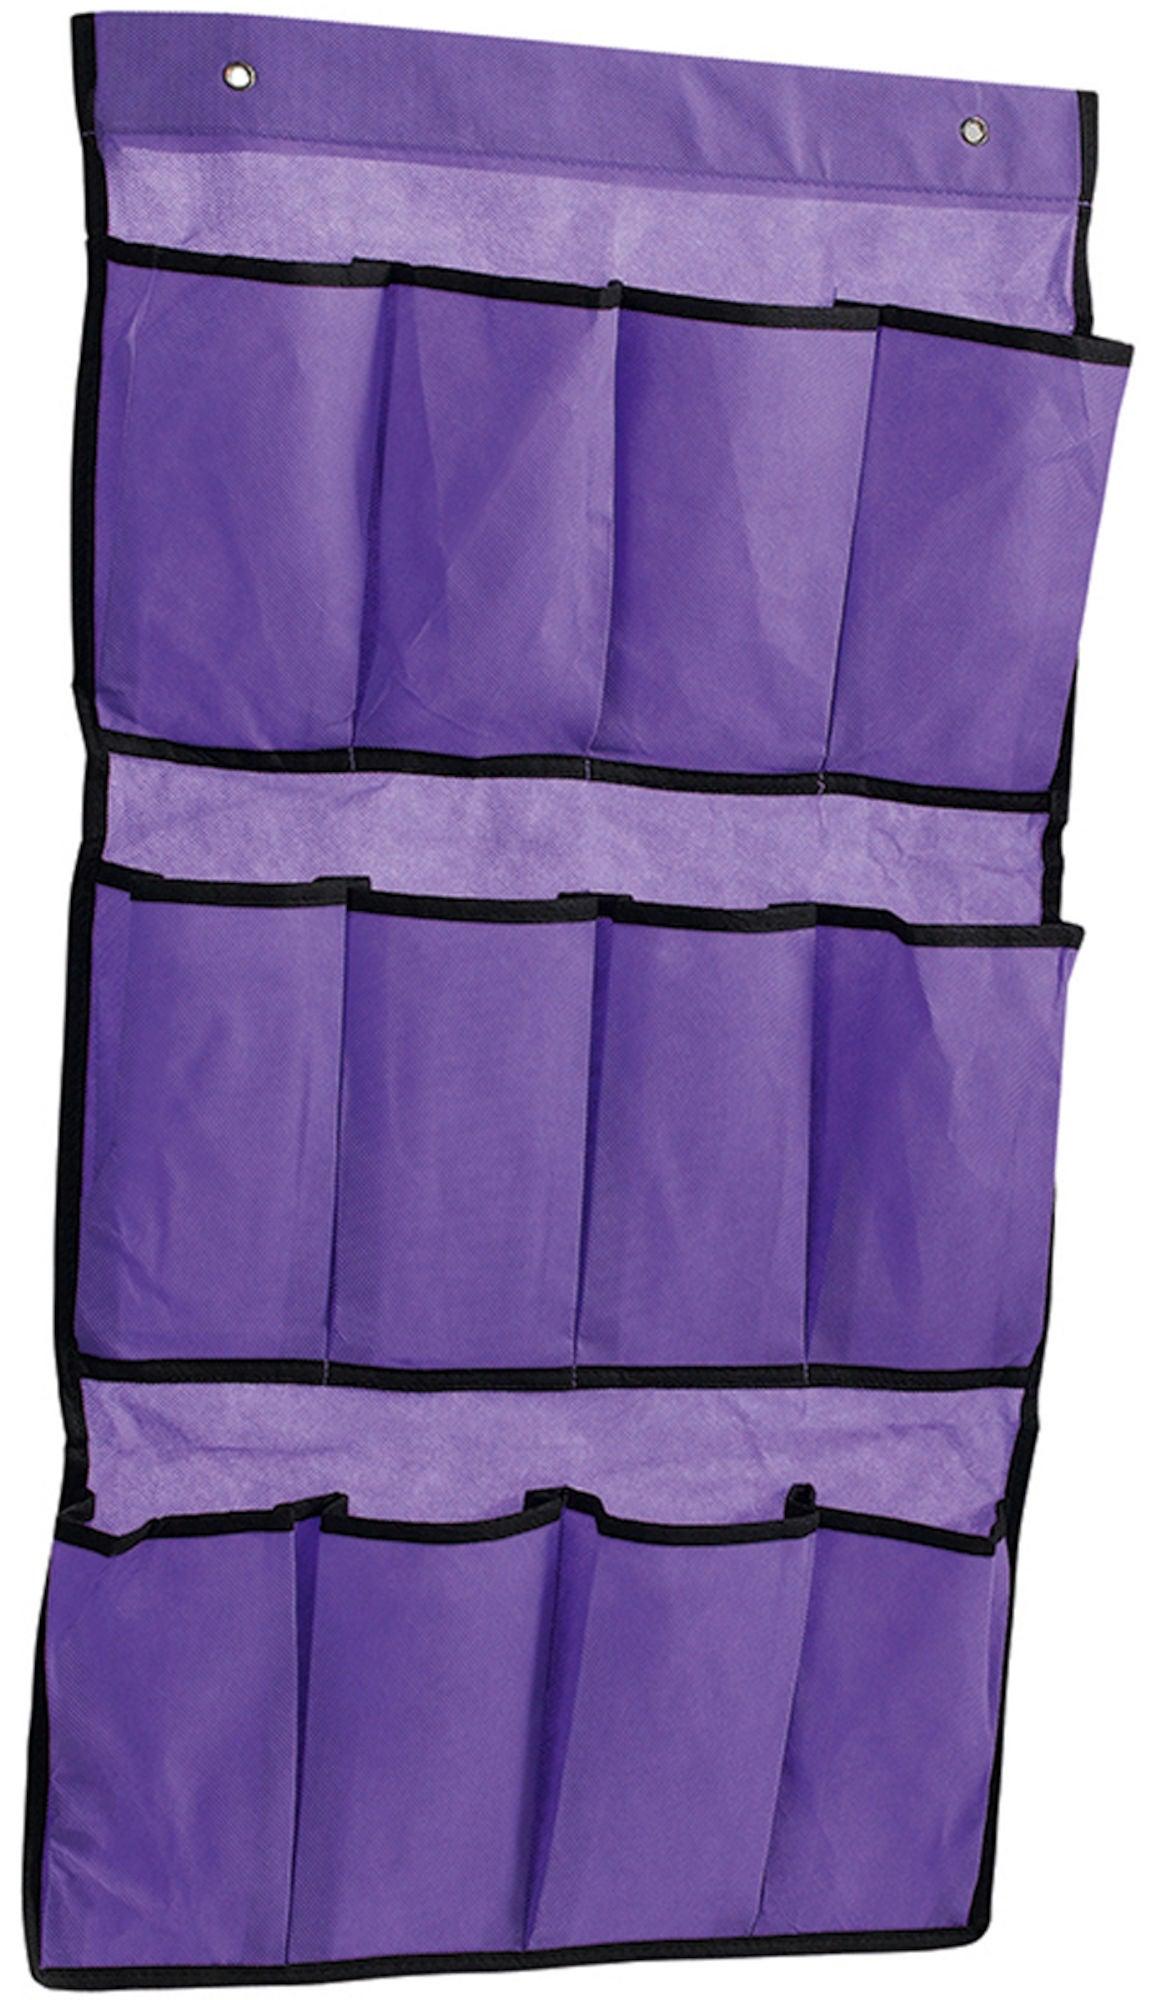 Kaufen myroom joy aufbewahrung lila jollyroom - Hangeaufbewahrung kinderzimmer ...